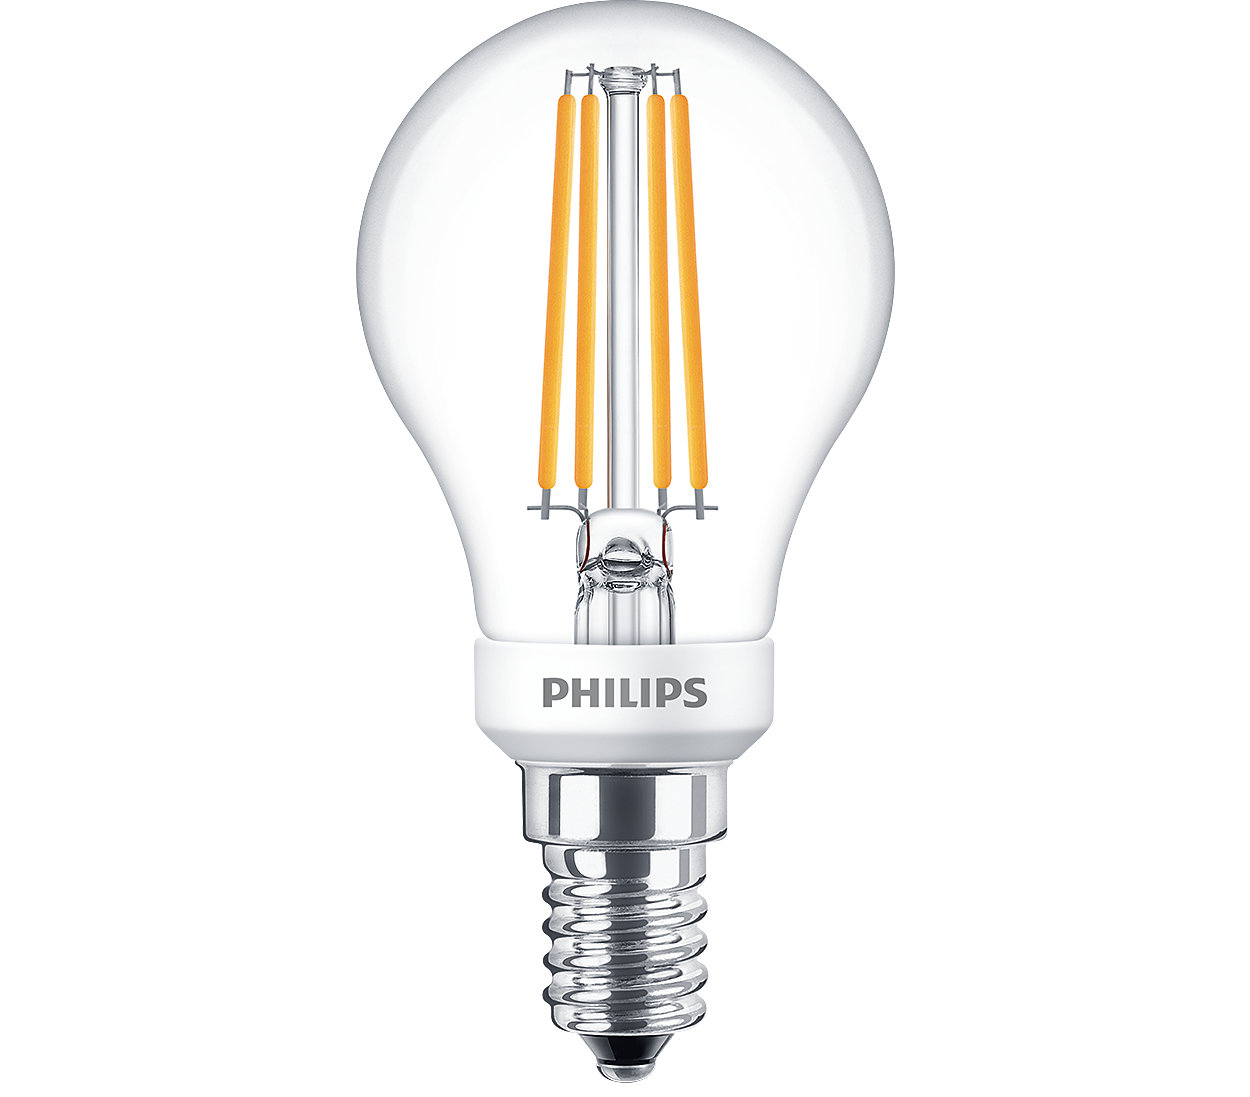 Glüh- und Halogenlampen zum Verwechseln ähnlich